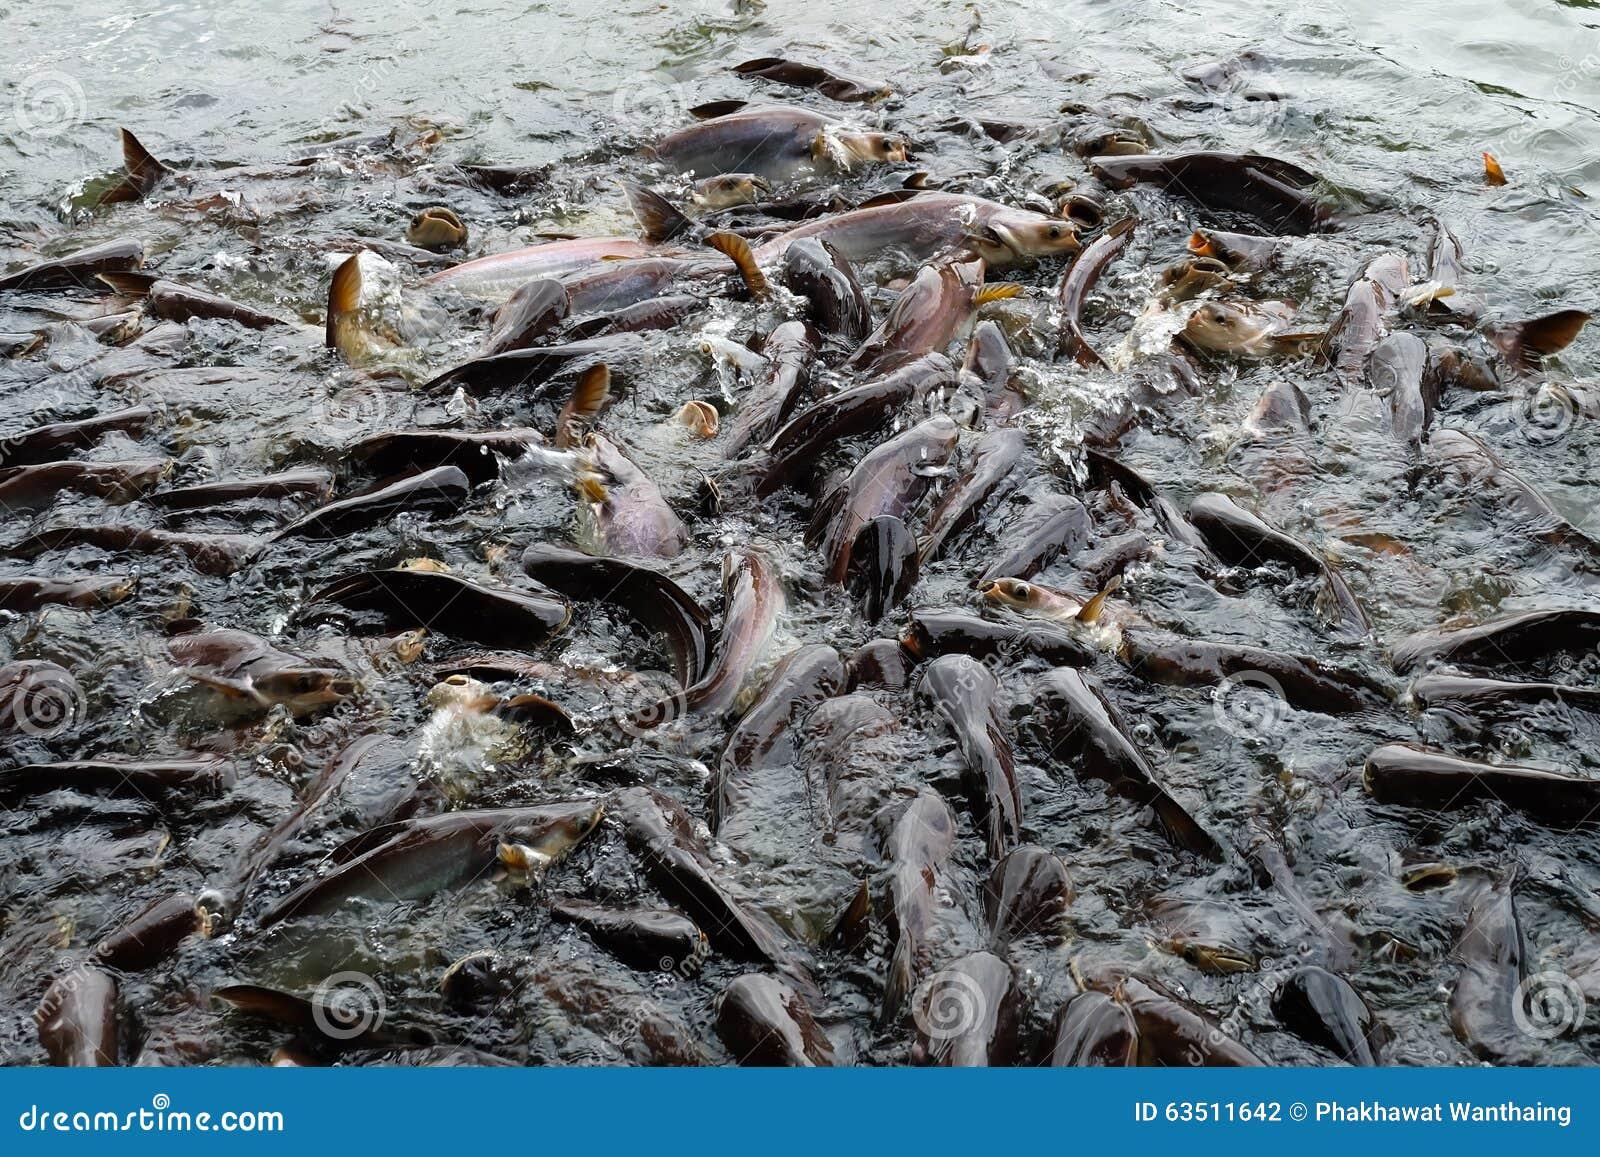 Atemberaubend Großer Wels im Teich stockfoto. Bild von wels, viele - 63511642 @UM_97